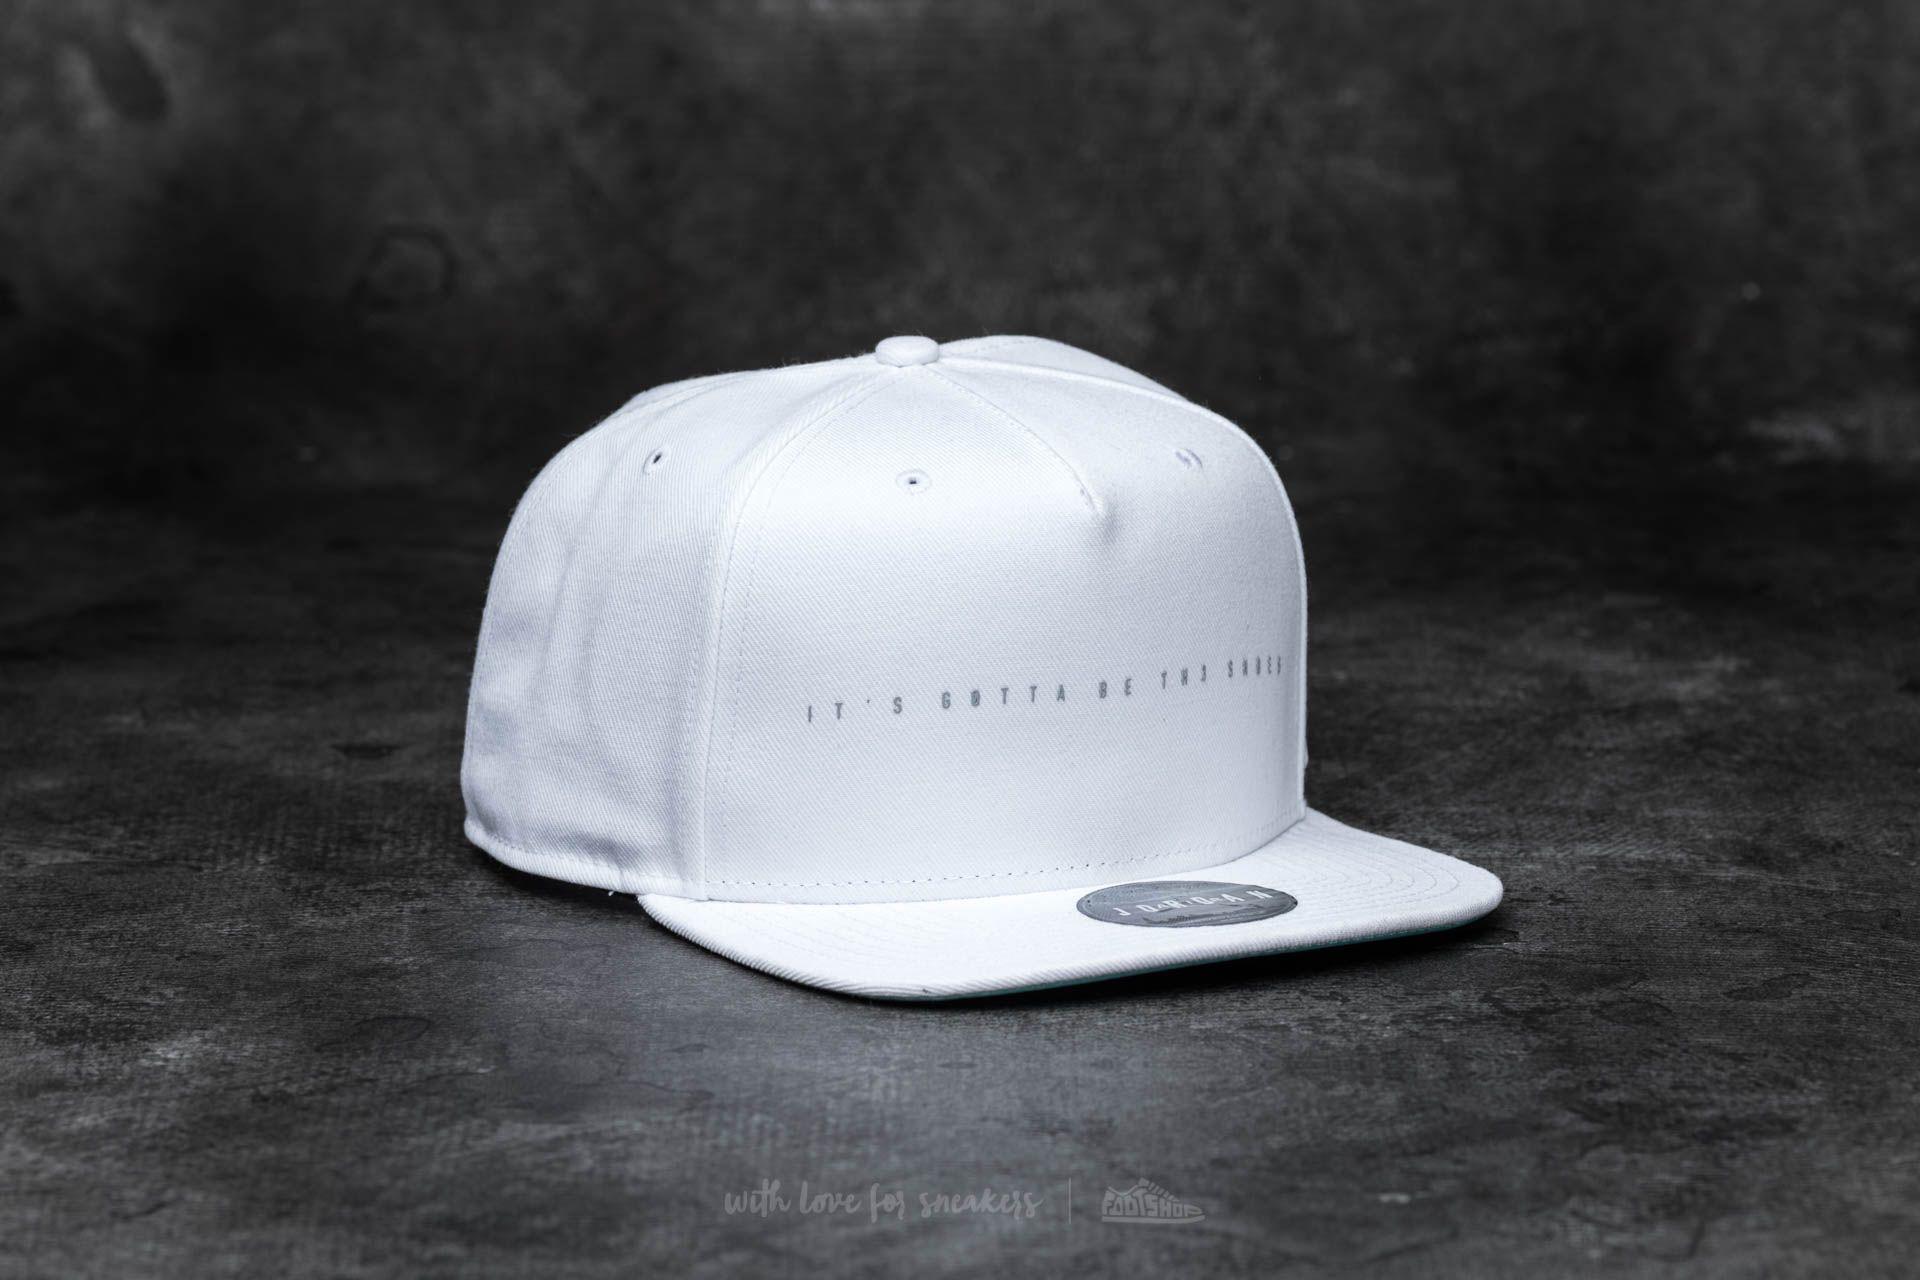 b7ec3bc5071 Jordan 4 Snapback White  Turquoise